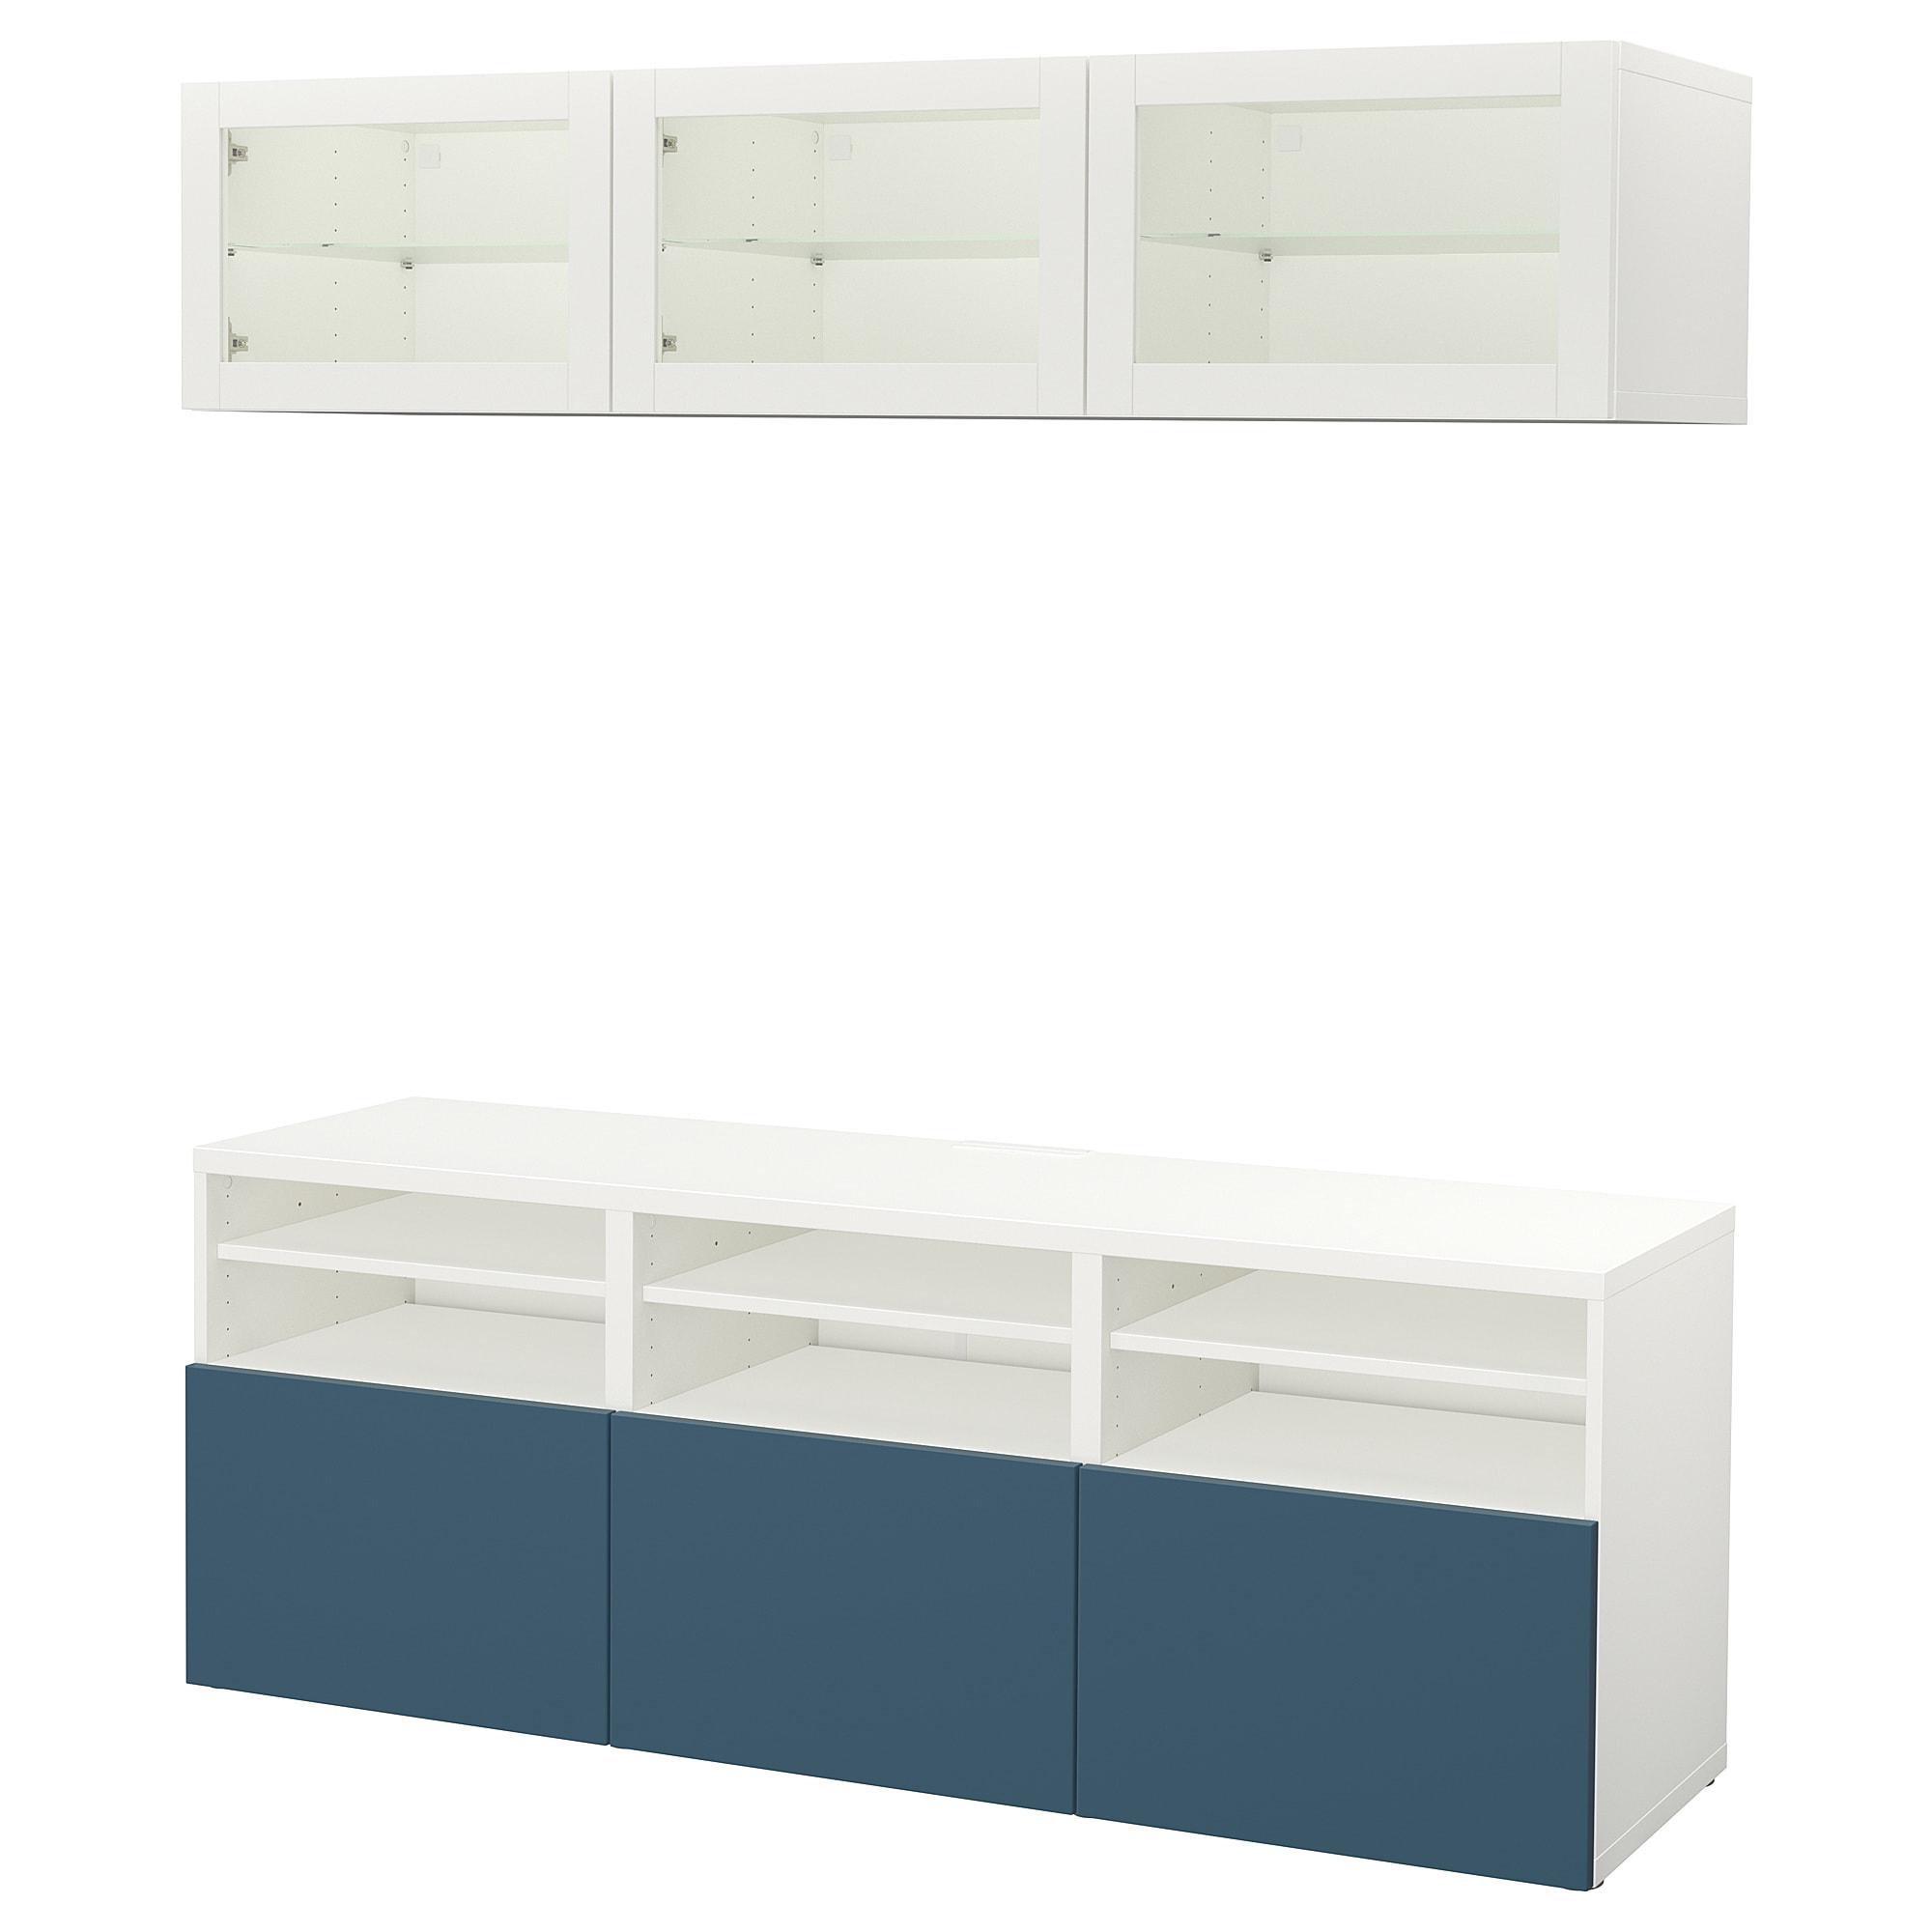 Шкаф для ТВ, комбинированный, стекляные дверцы БЕСТО артикуль № 892.498.70 в наличии. Интернет сайт IKEA Минск. Недорогая доставка и установка.